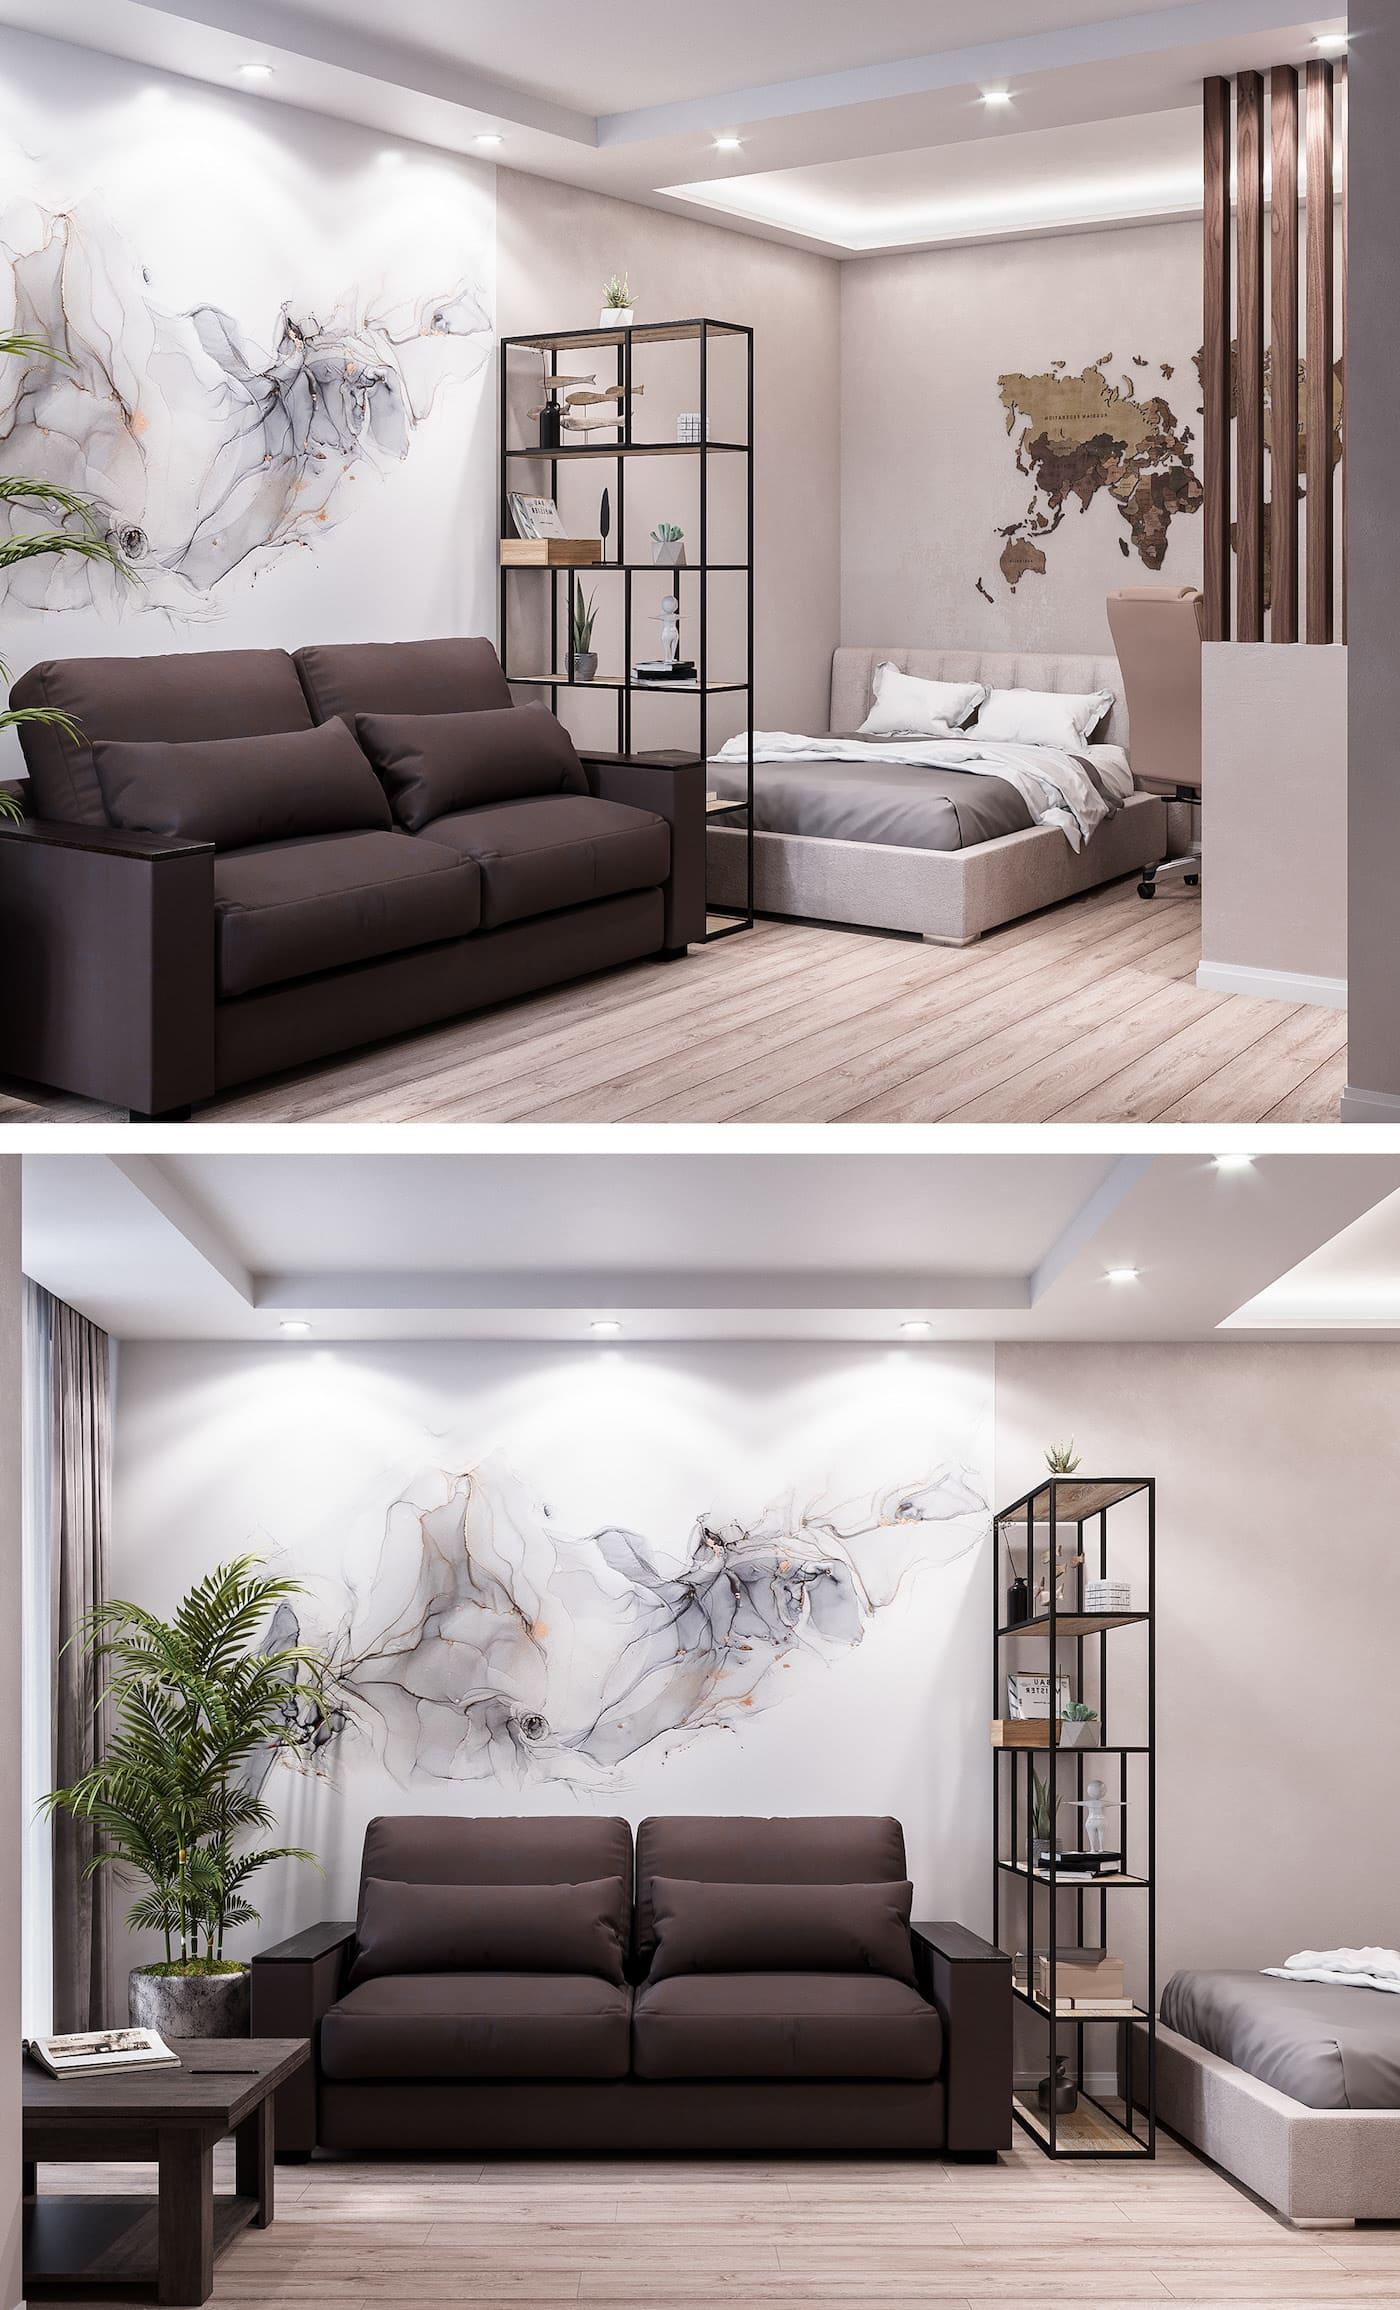 conception d'un appartement d'une pièce photo 22